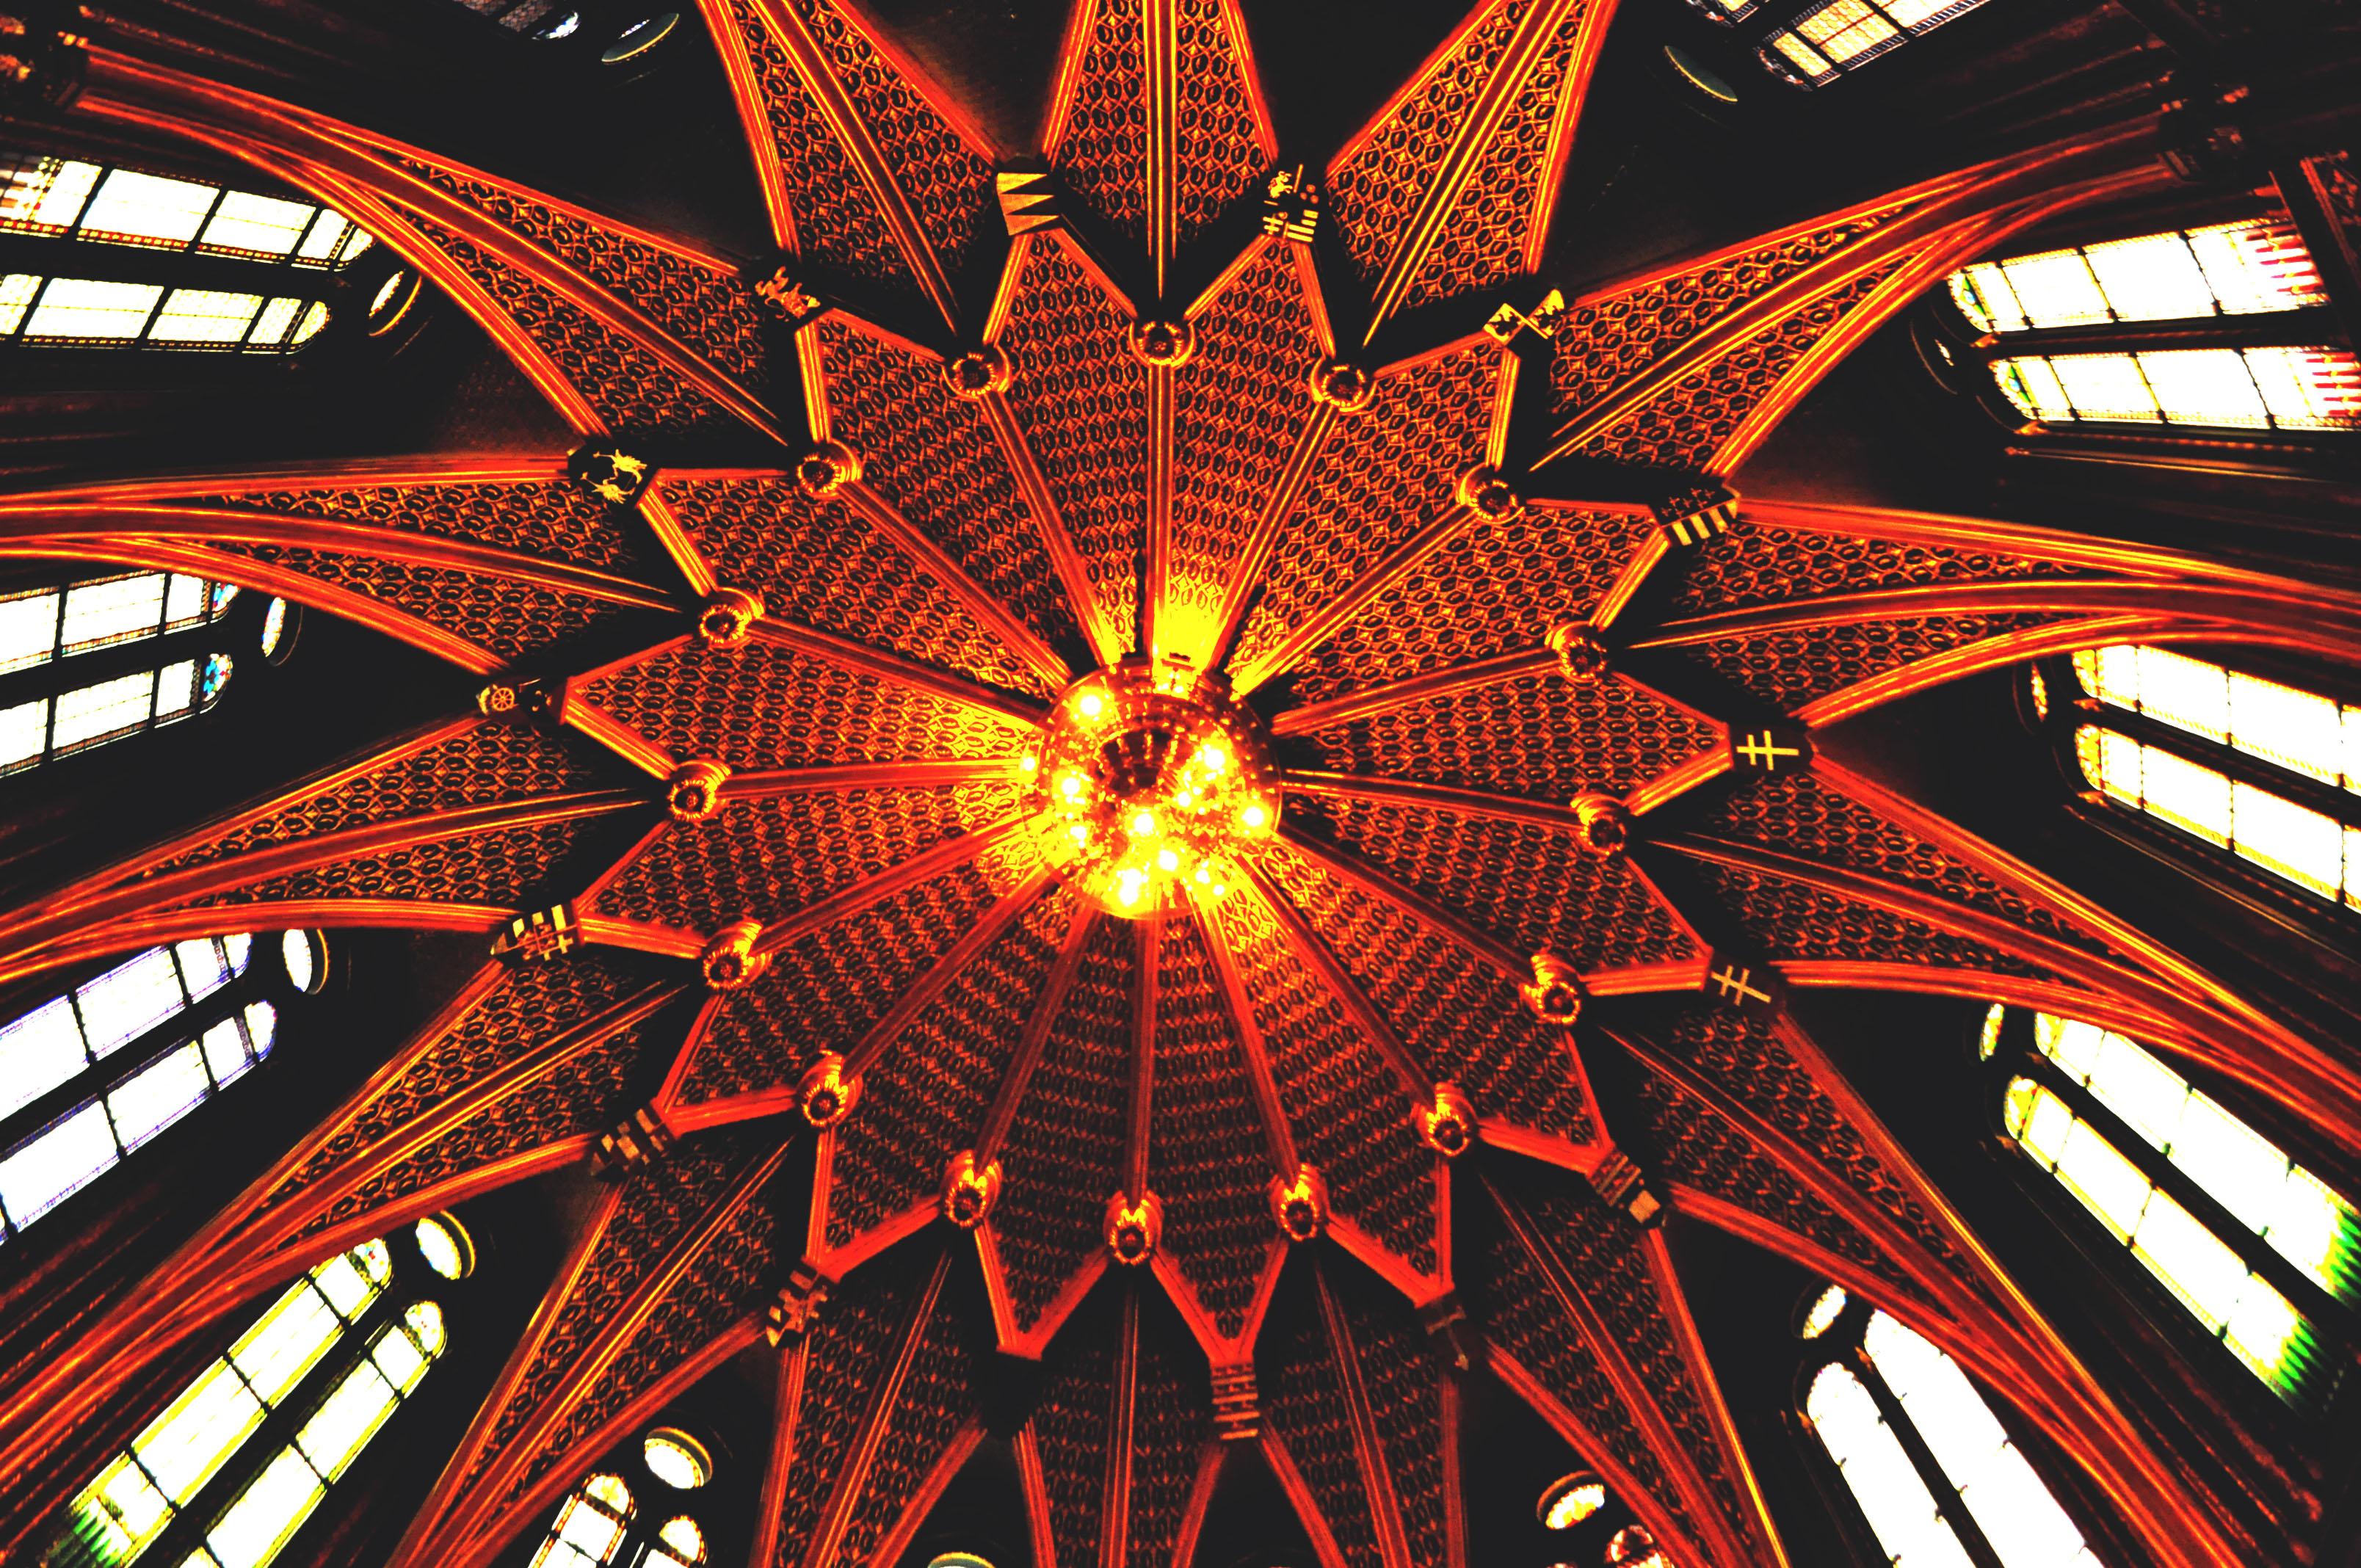 budapest-15-parliament-ceiling